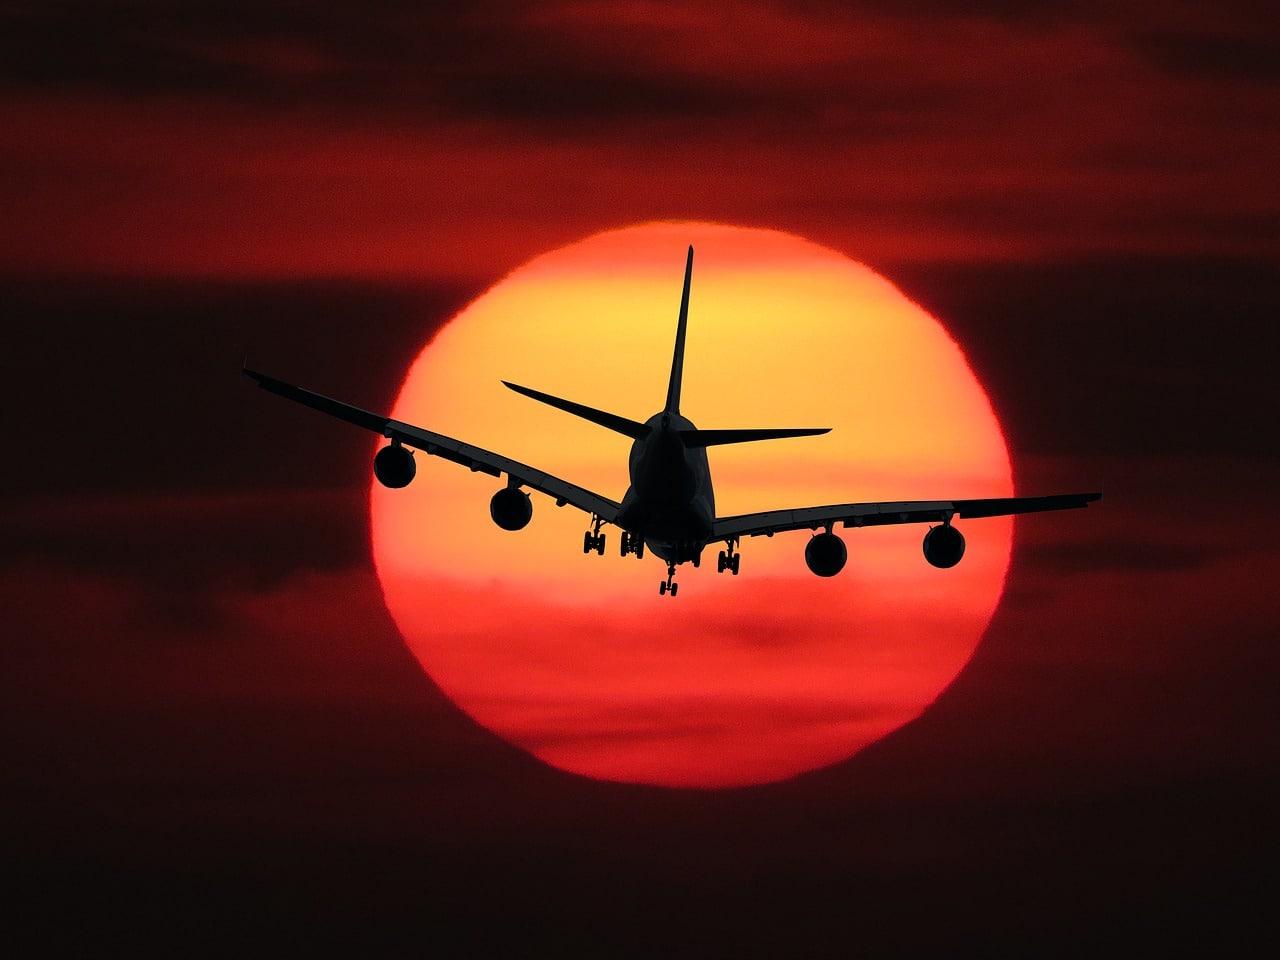 Apps der Fluggesellschaften – Sicherheitsstatus ist alarmierend